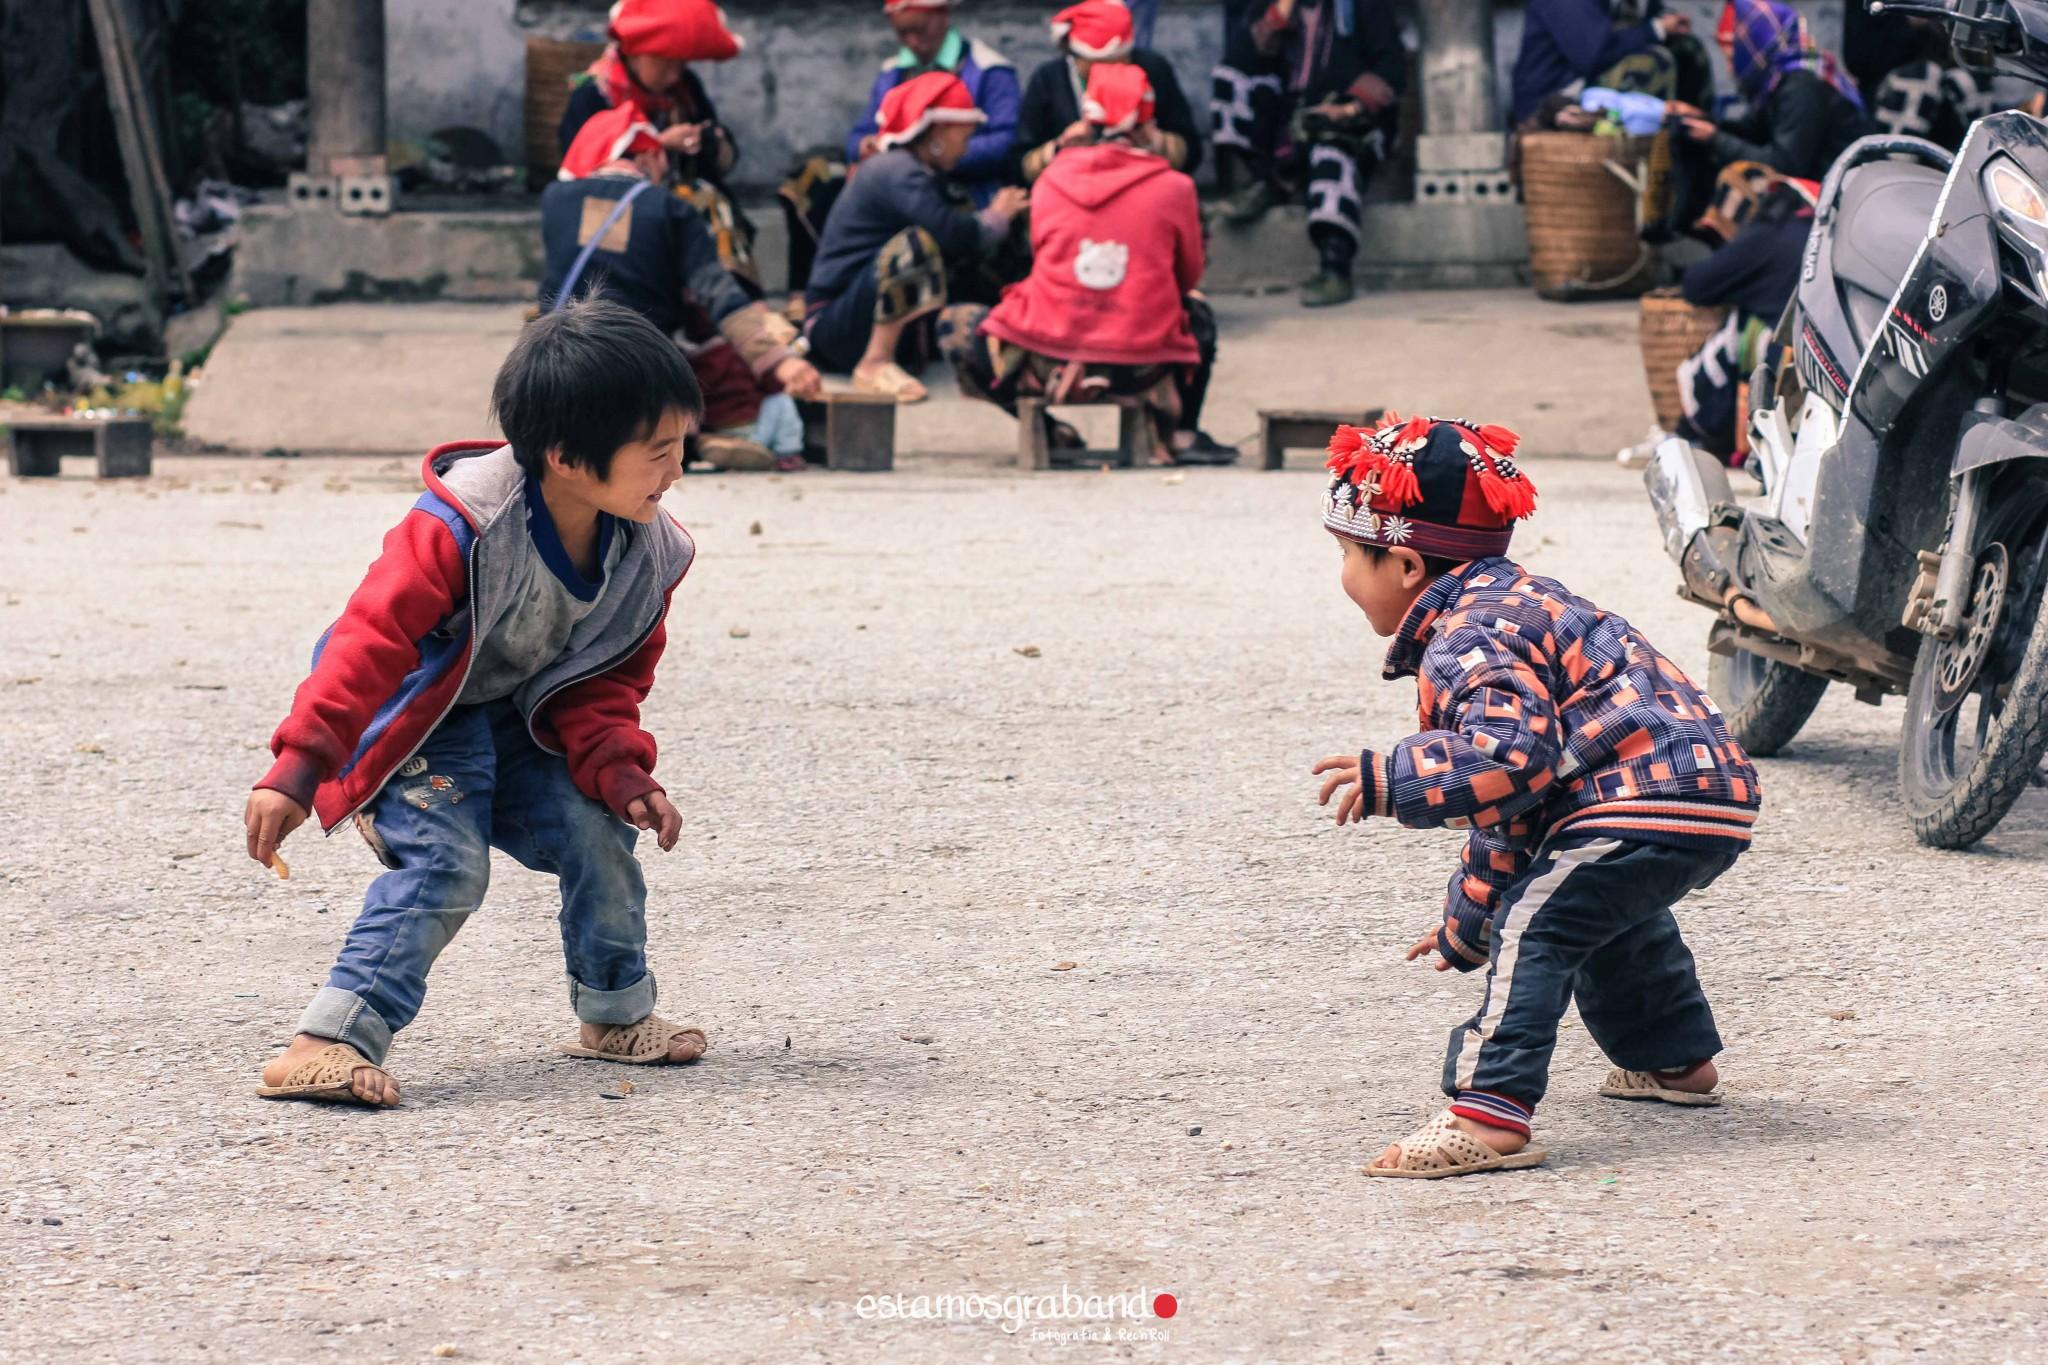 reportaje-vietnam_fotograficc81a-vietnam_estamosgrabando-vietnam_rutasvietnam_reportaje-retratos-fotos-vietnam_fotografia-vietnam_reportaje-estamosgrabando-fotograficc81a-vietnam-32 Pequeños grandes recuerdos de Vietnam en 100 imágenes - video boda cadiz